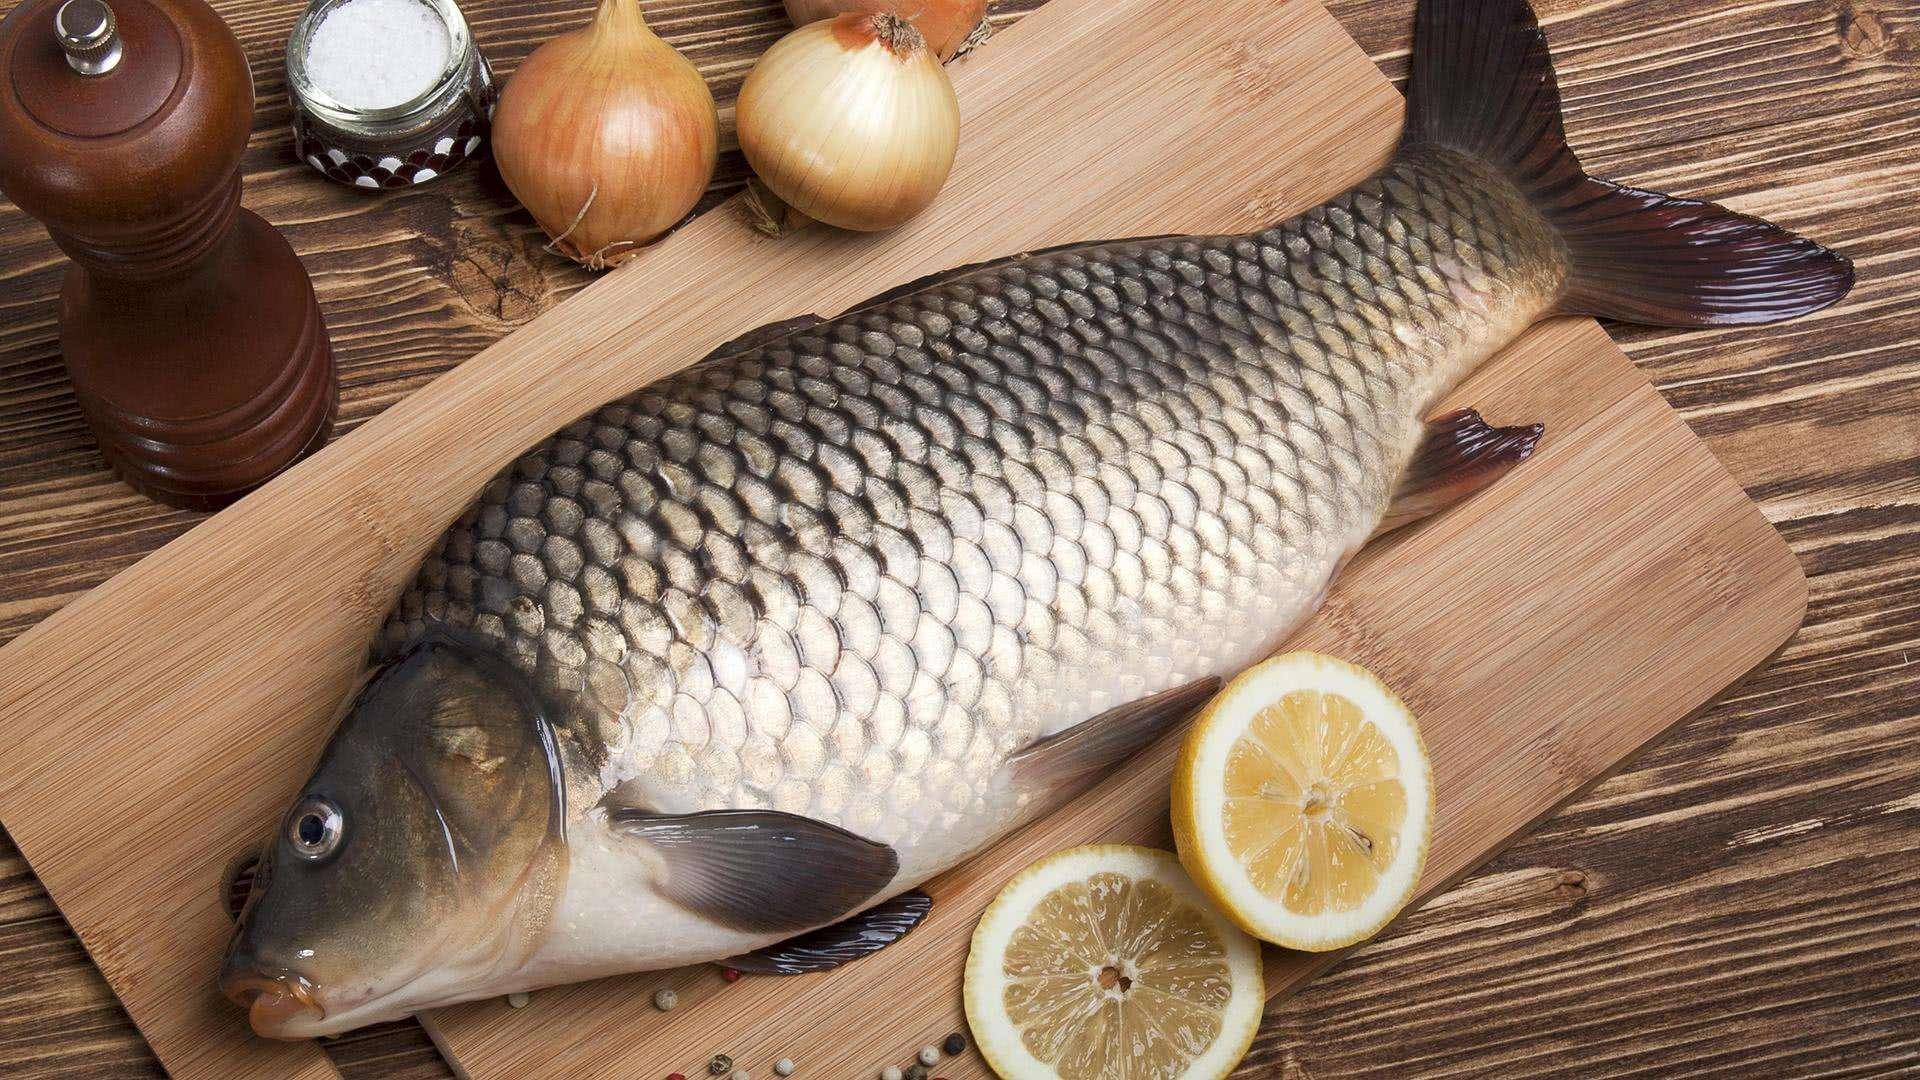 英科学家发现多吃豆和鱼,更年期来得晚